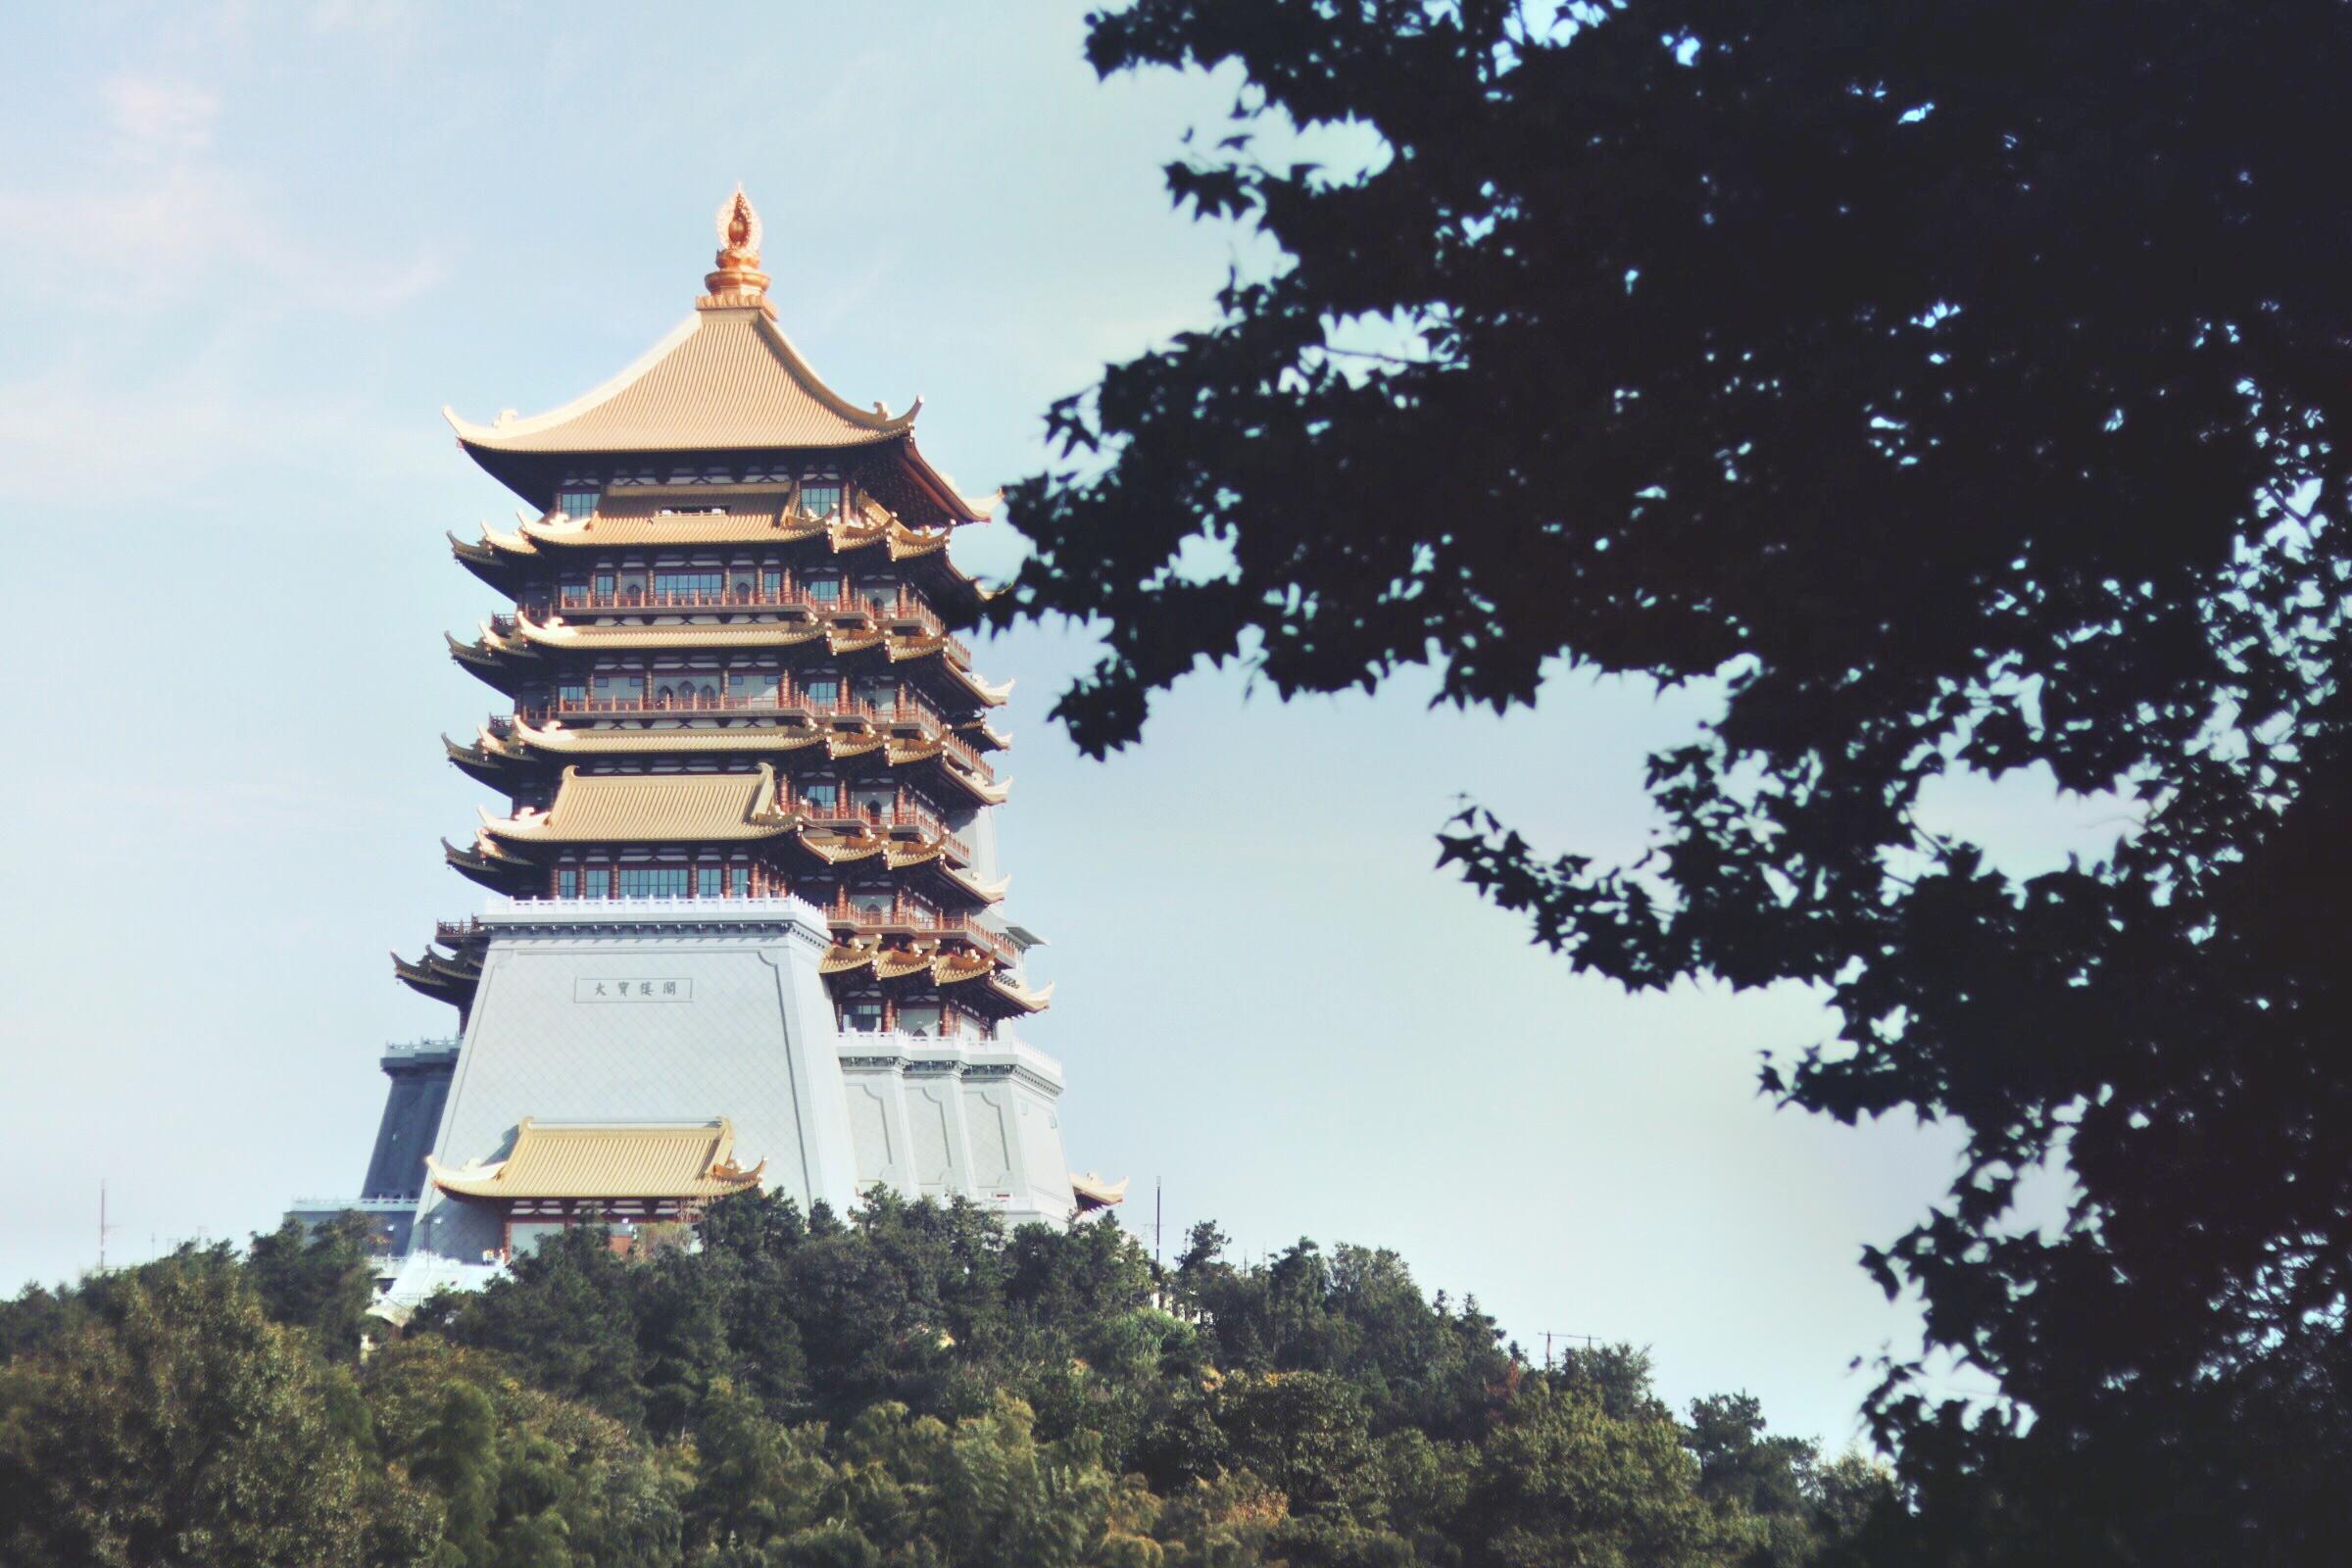 Dongfang Mountain Scenic Spot